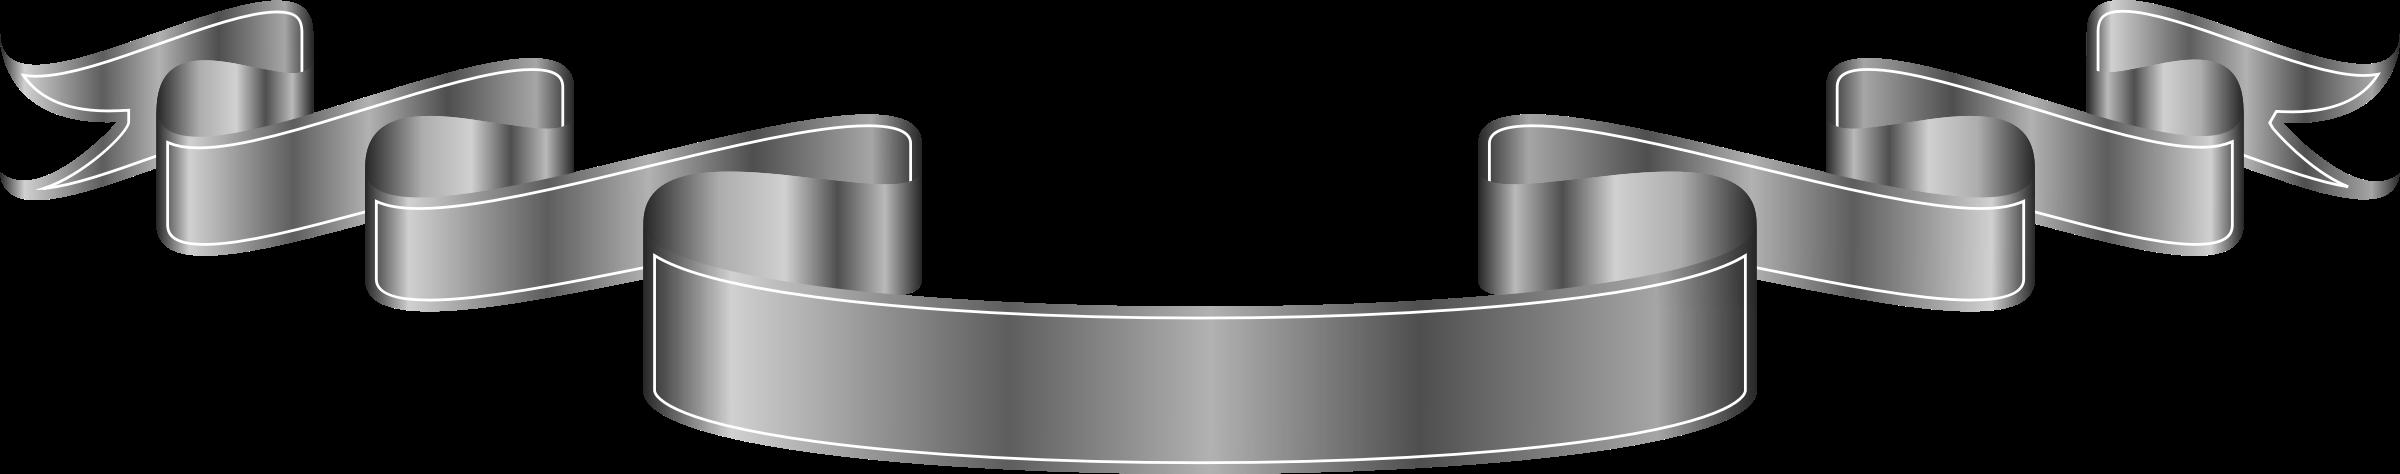 Серебро PNG